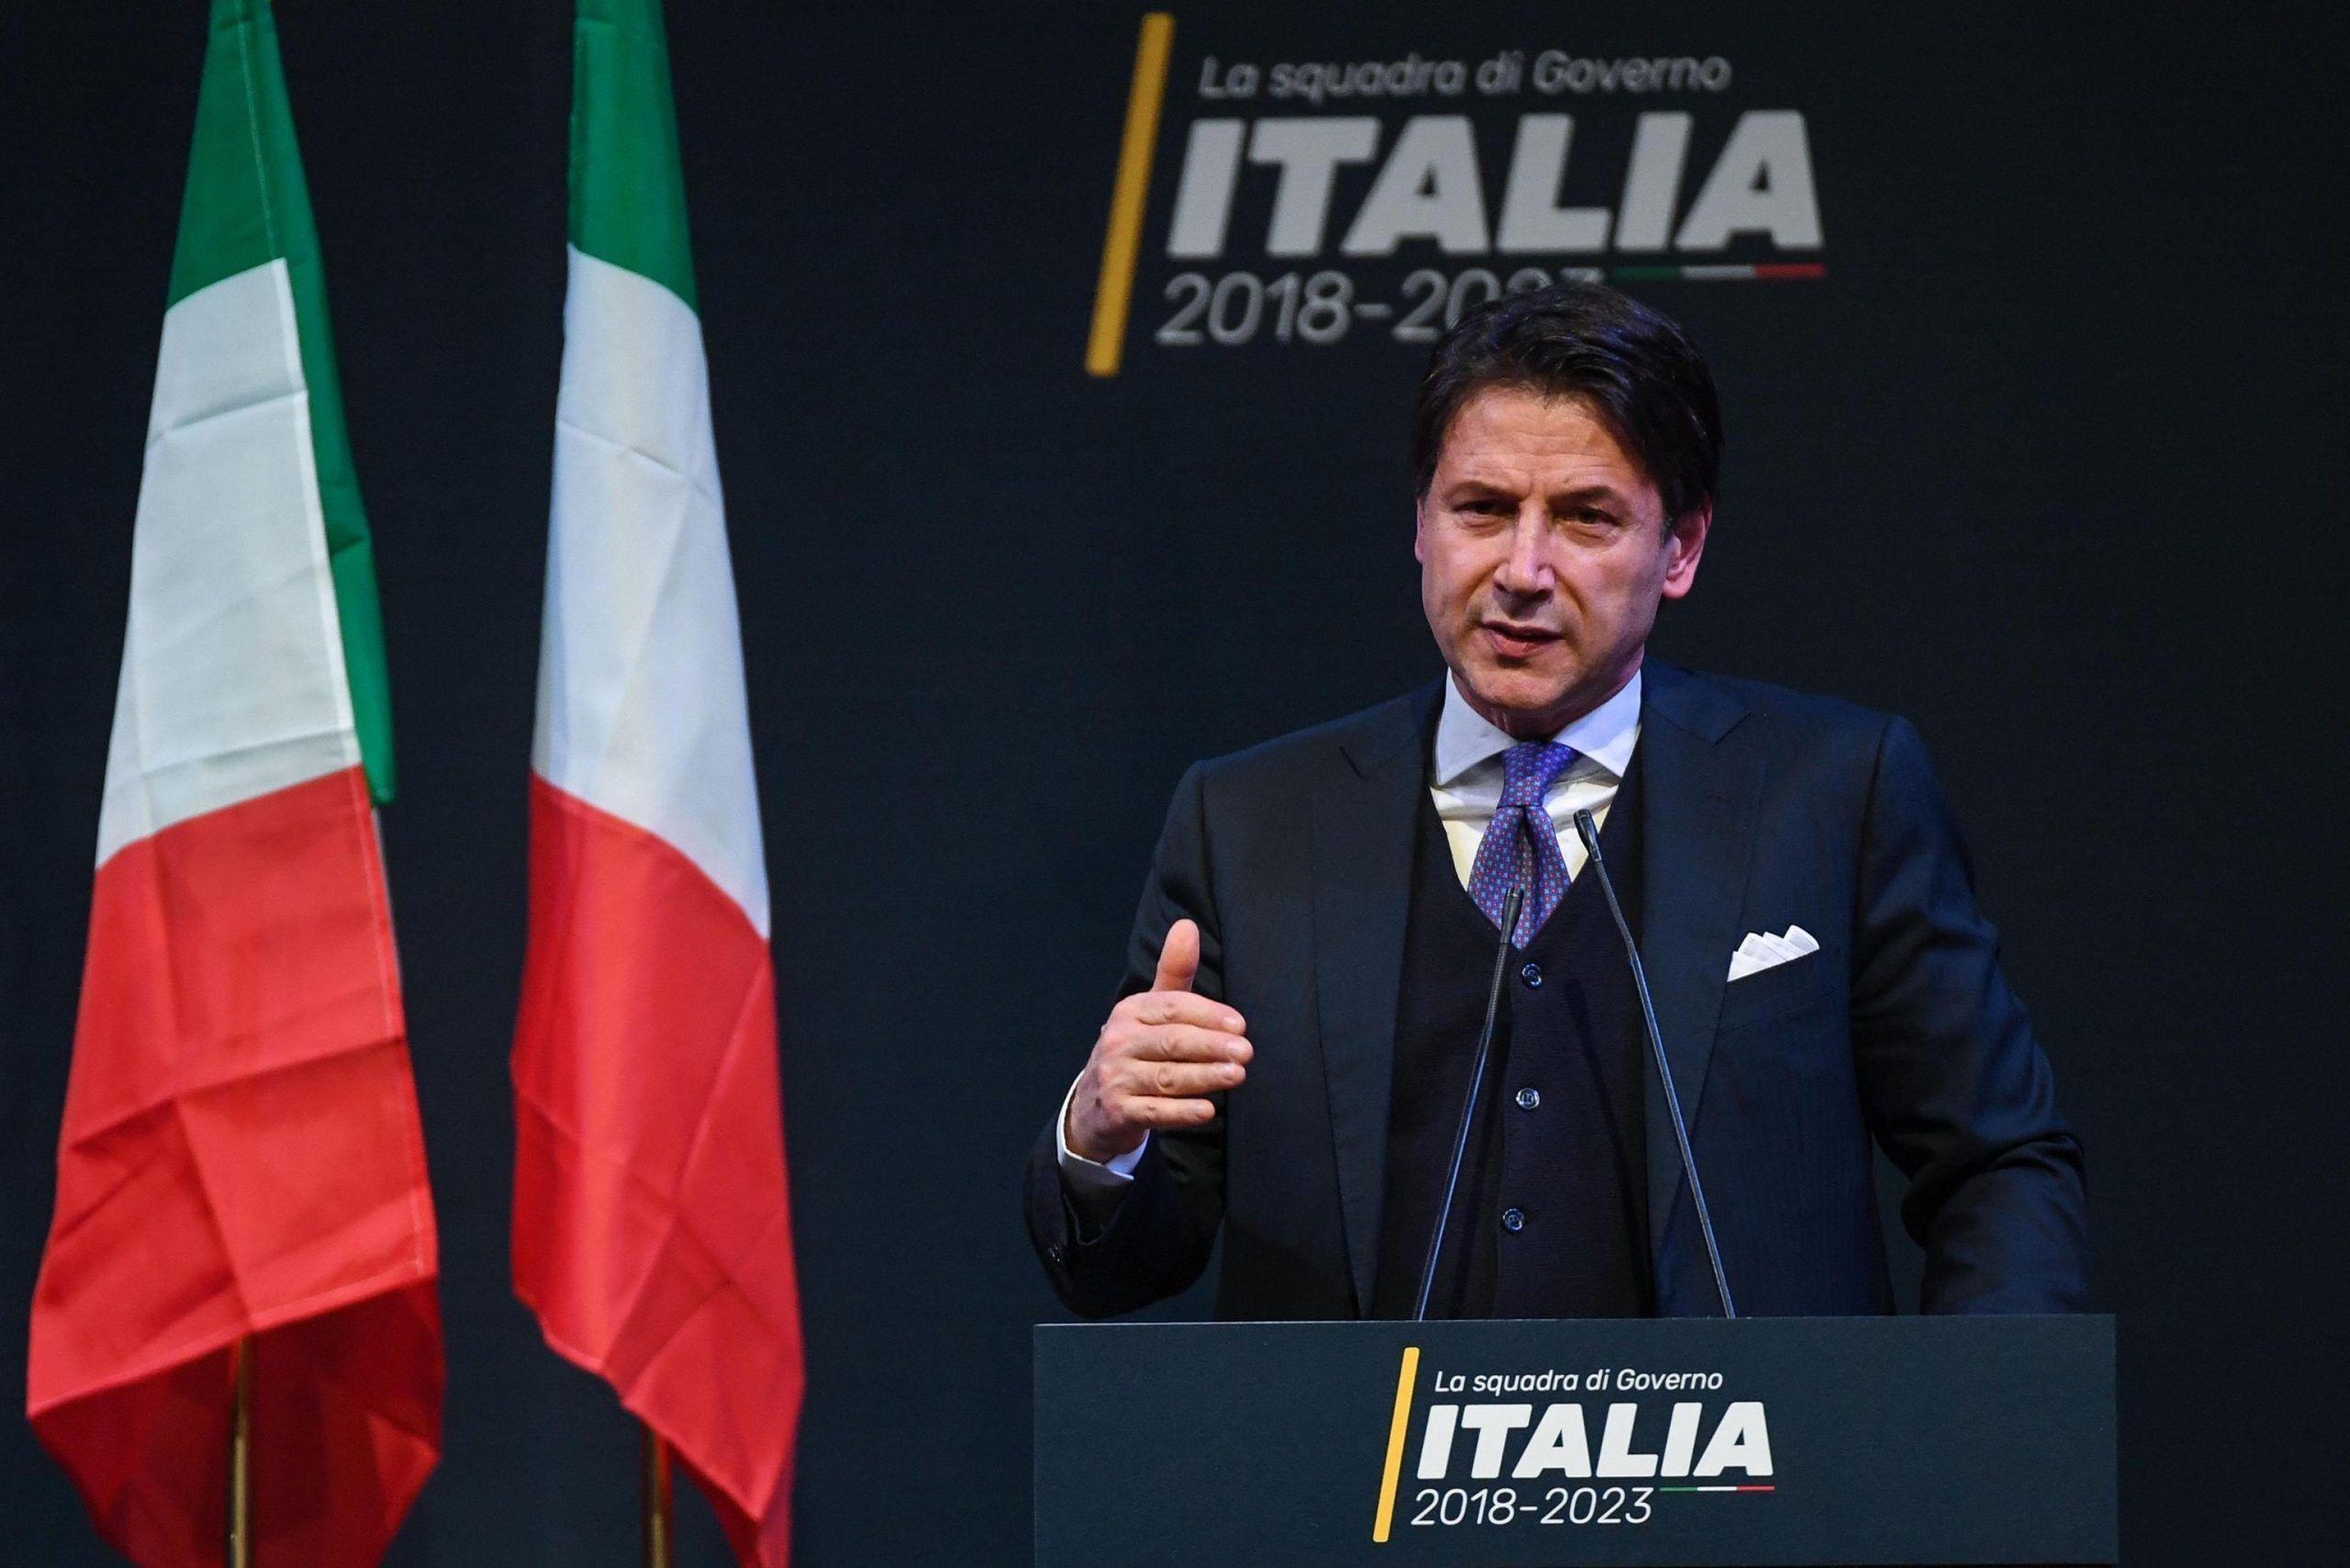 Chi è Giuseppe Conte: possibile premier del nuovo governo M5S-Lega